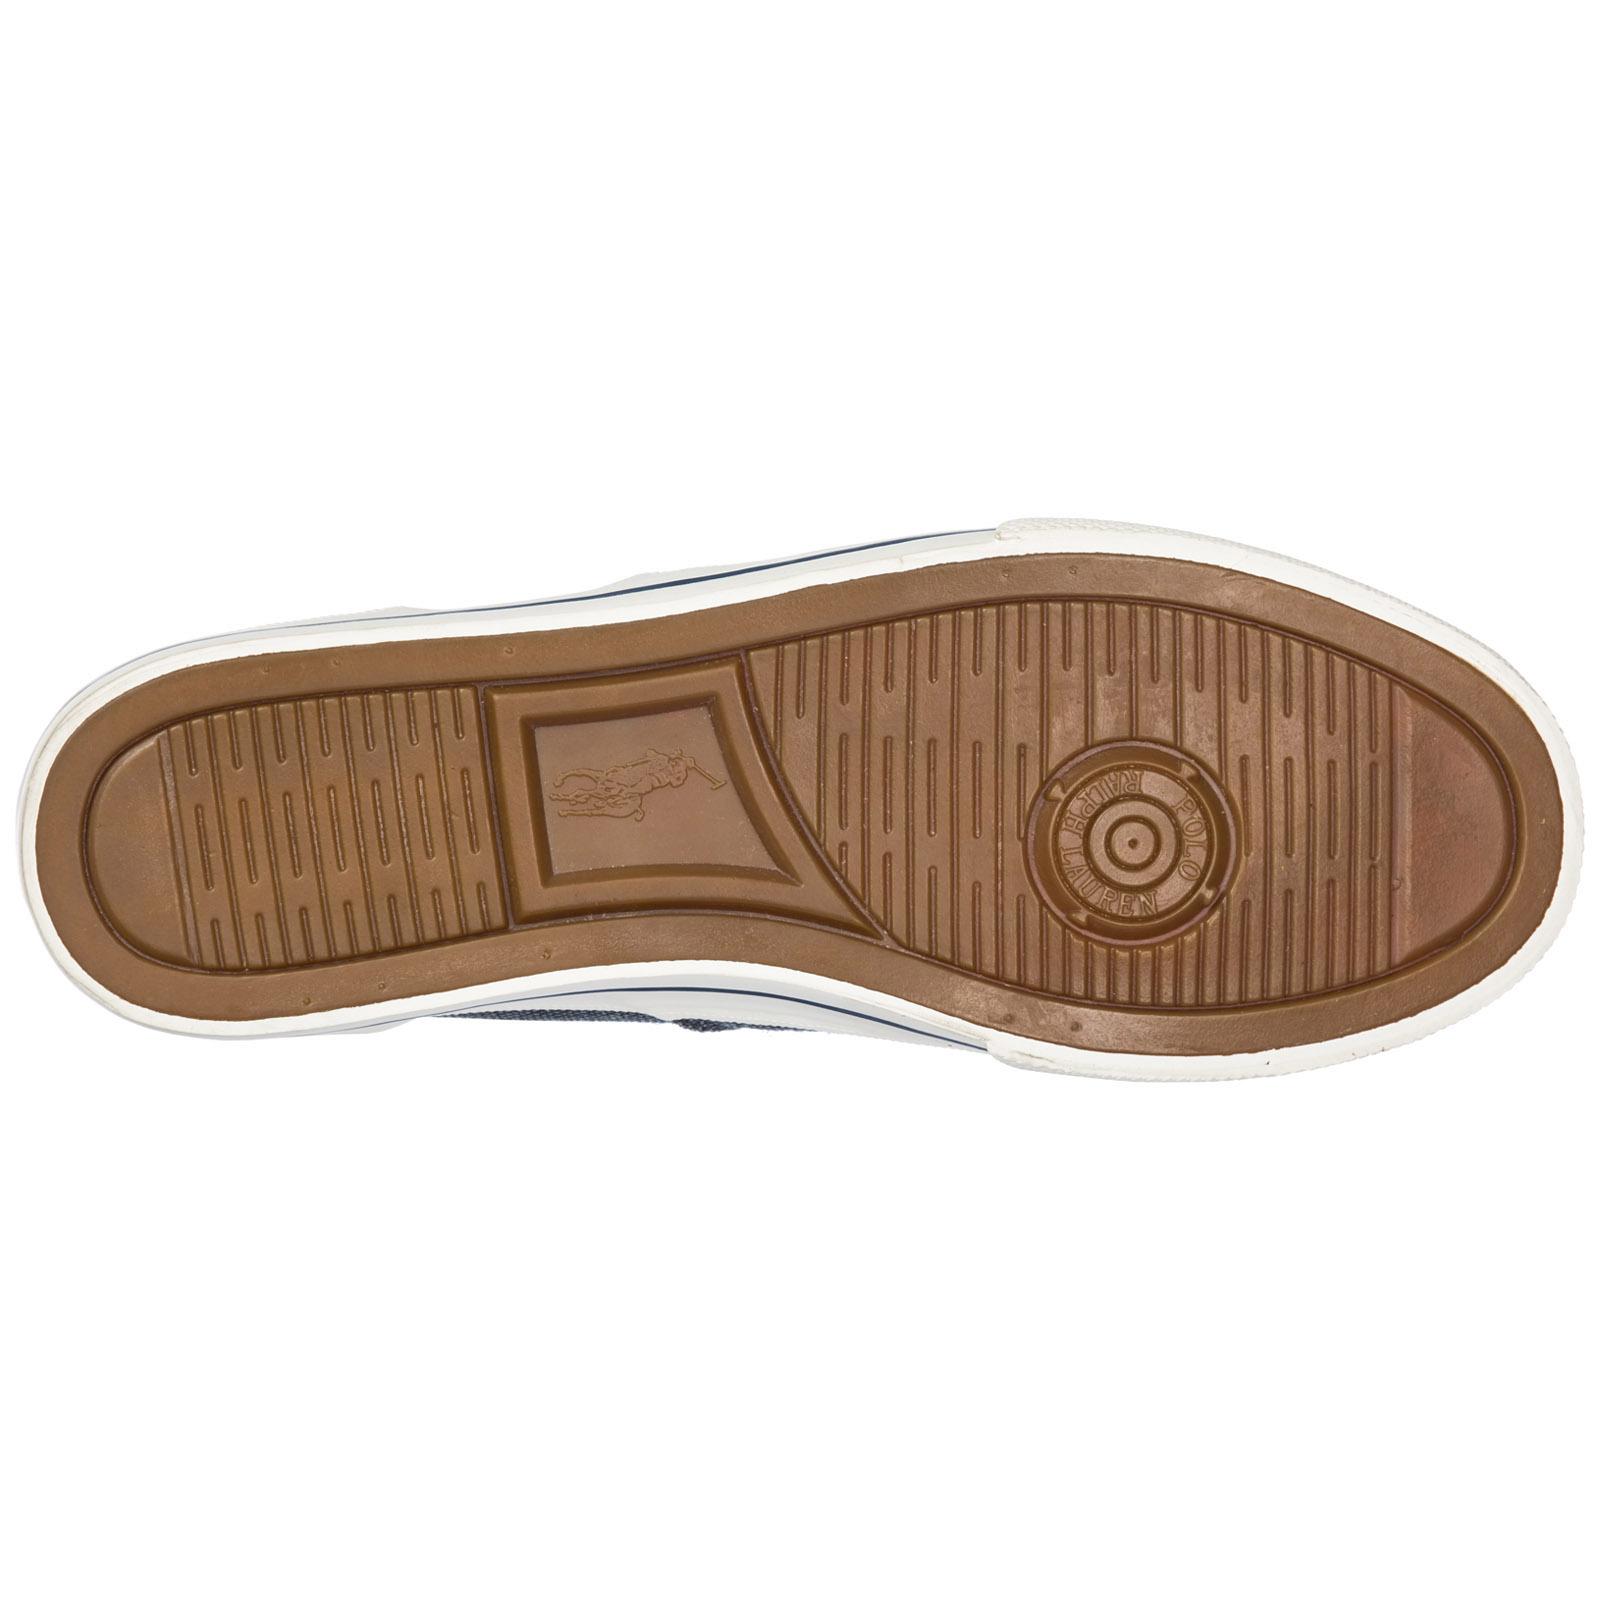 Men's shoes cotton trainers sneakers vaugh